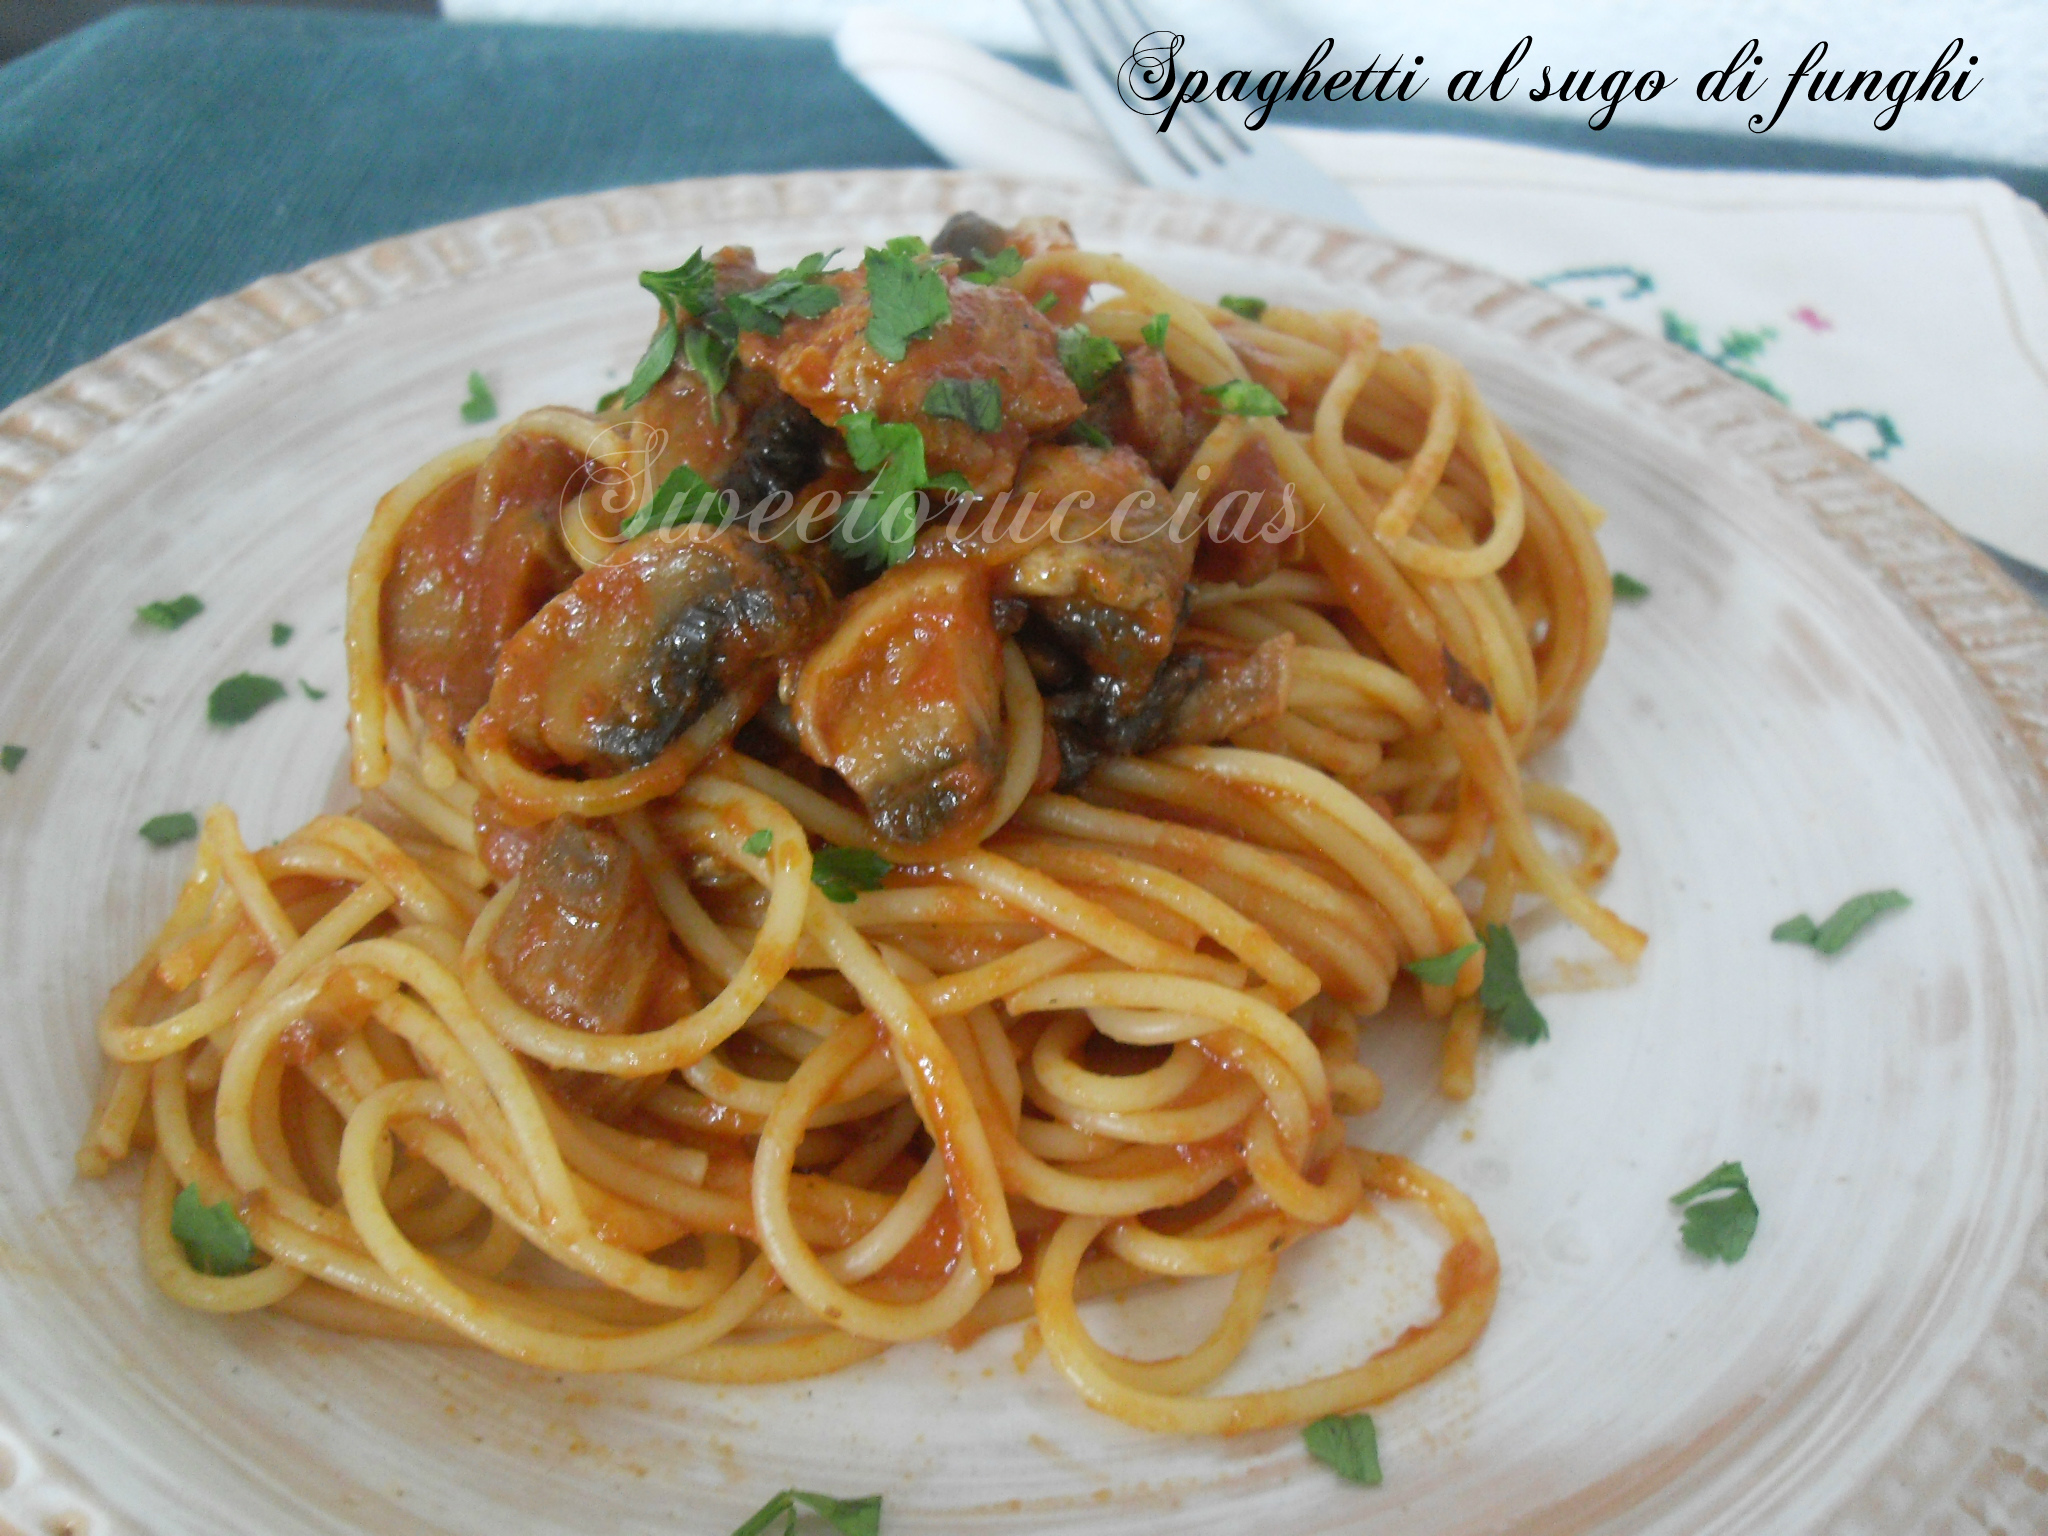 Spaghetti al sugo di funghi